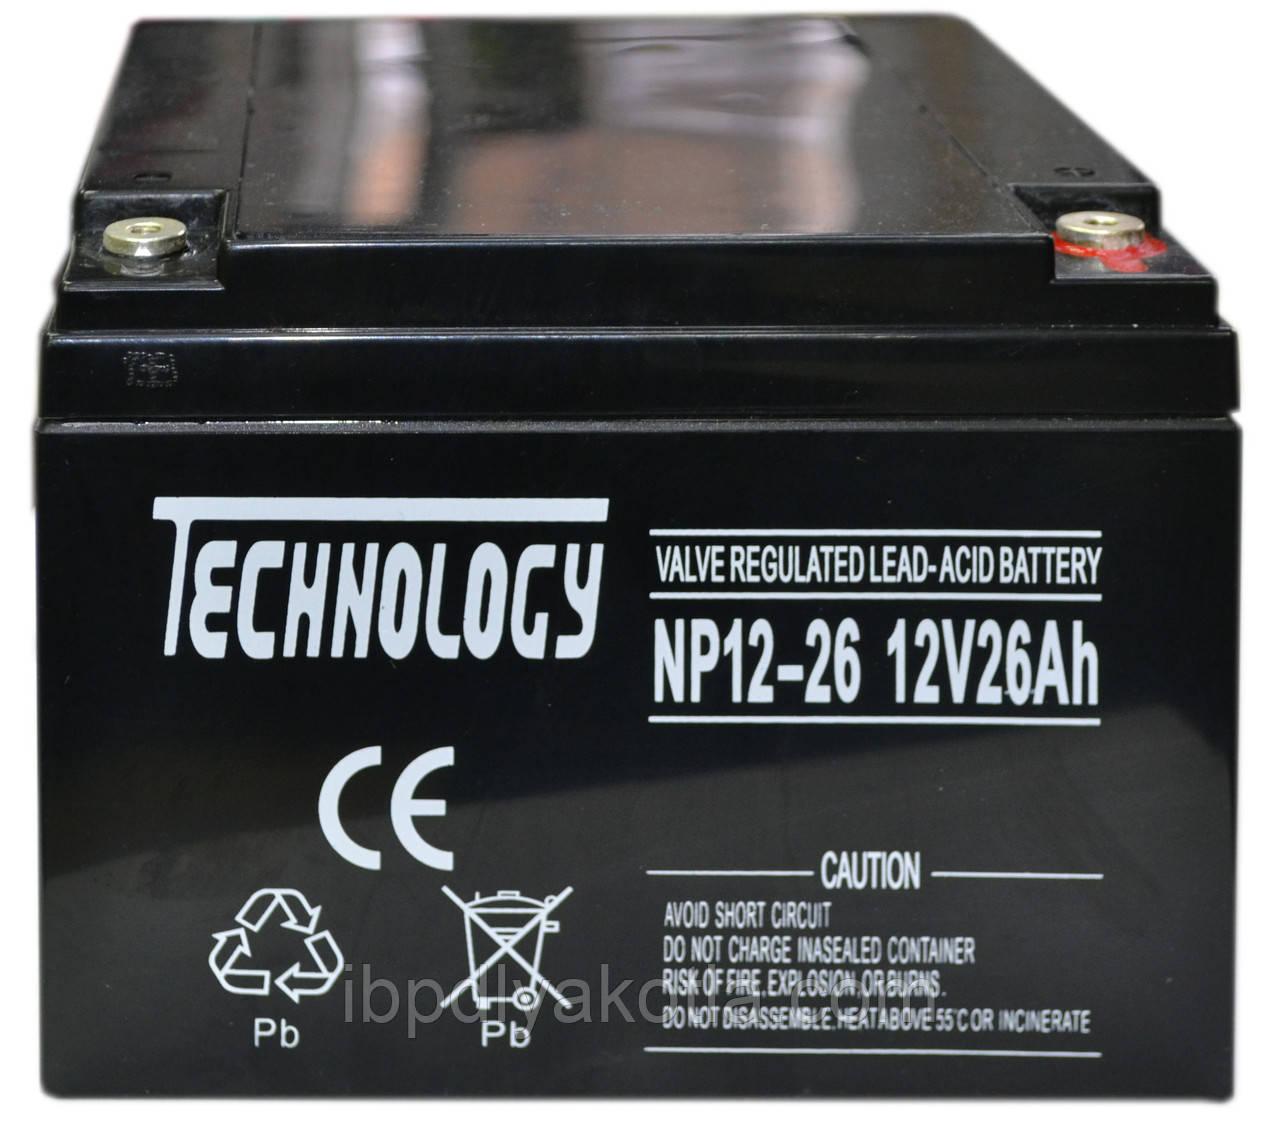 Аккумулятор мультигелевый TECHNOLOGY NP12-26Ah 12V 26AH, (AGM) для ИБП